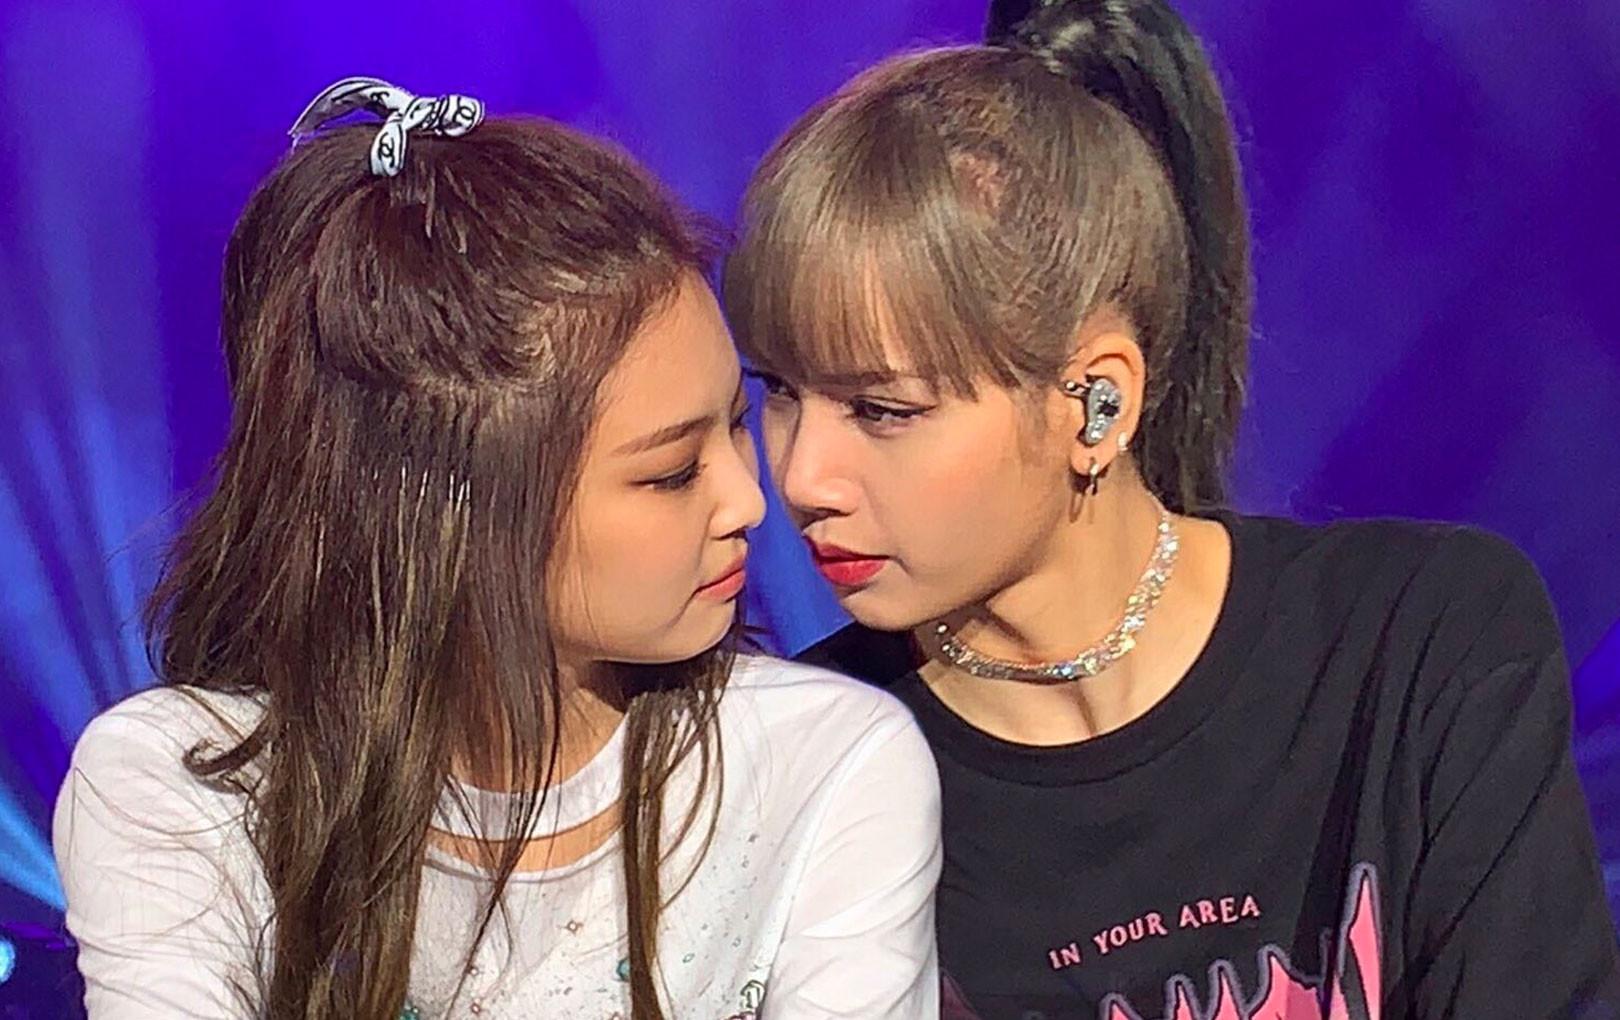 Lisa - Jennie lọt top những cô gái vàng của Kpop, hoàn hảo cả ngoại hình lẫn tài năng